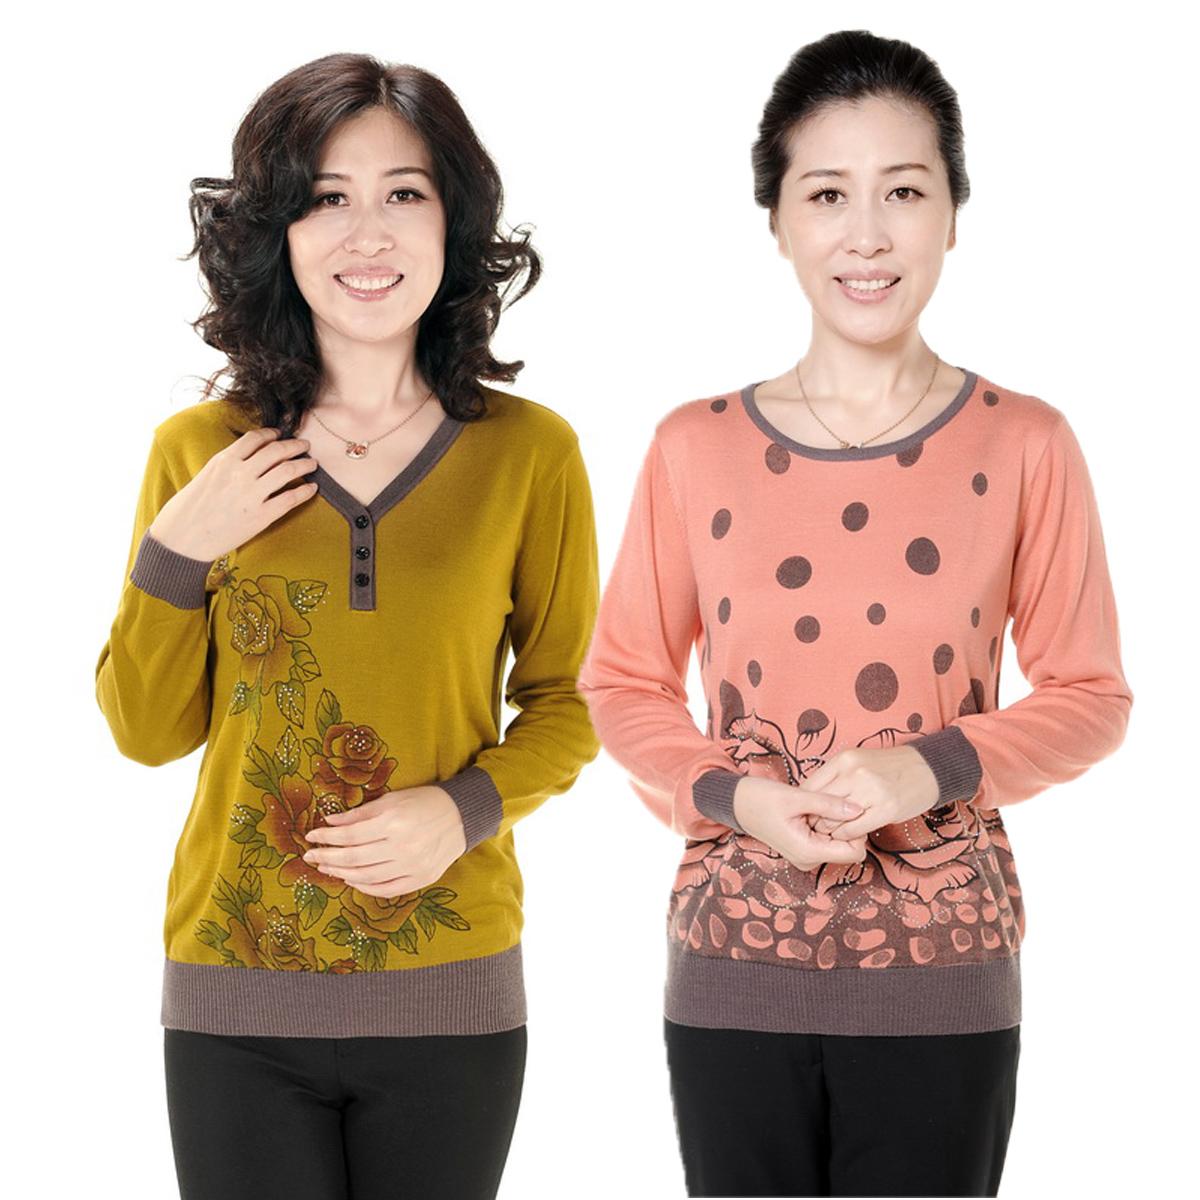 Одежда для дам Подпружиненные 2013 новый старый свитер платья 3-кнопки печати рубашки свитера длинные рукава v шеи интеллектуальной Весна 2013, Осень 2013